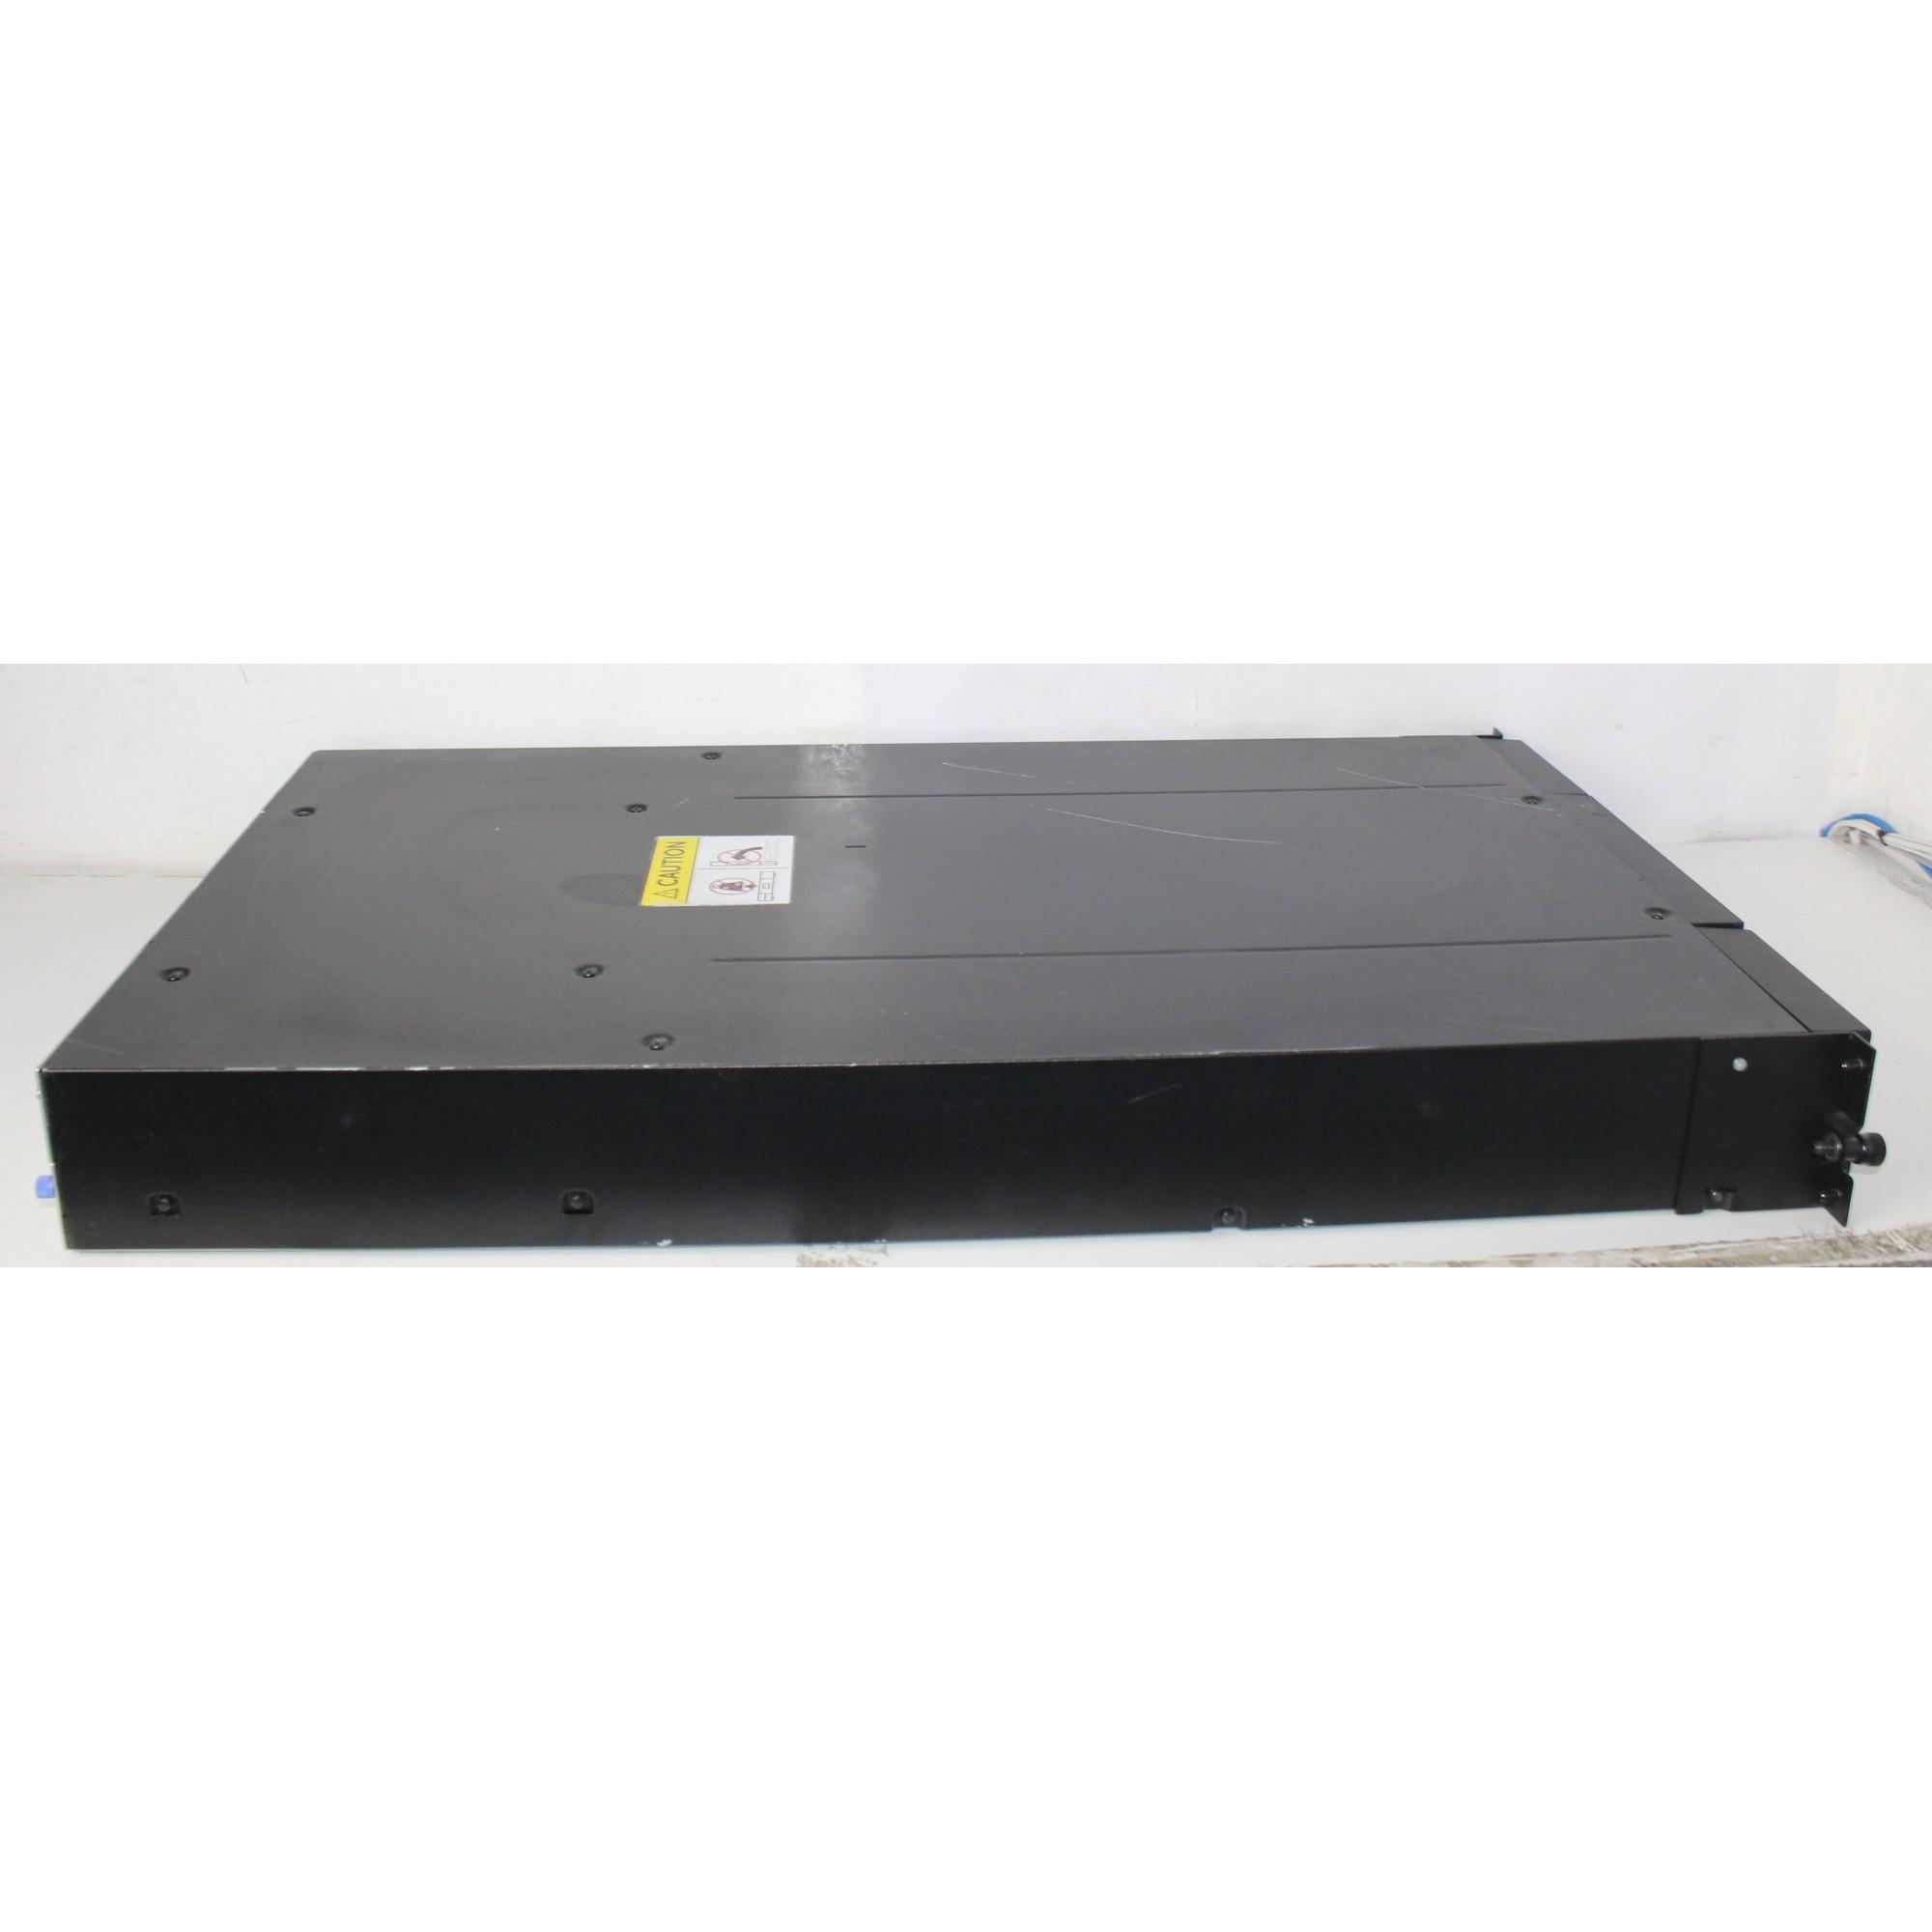 Unidade de Fita IBM system storage 3573 L2U - Não enviamos